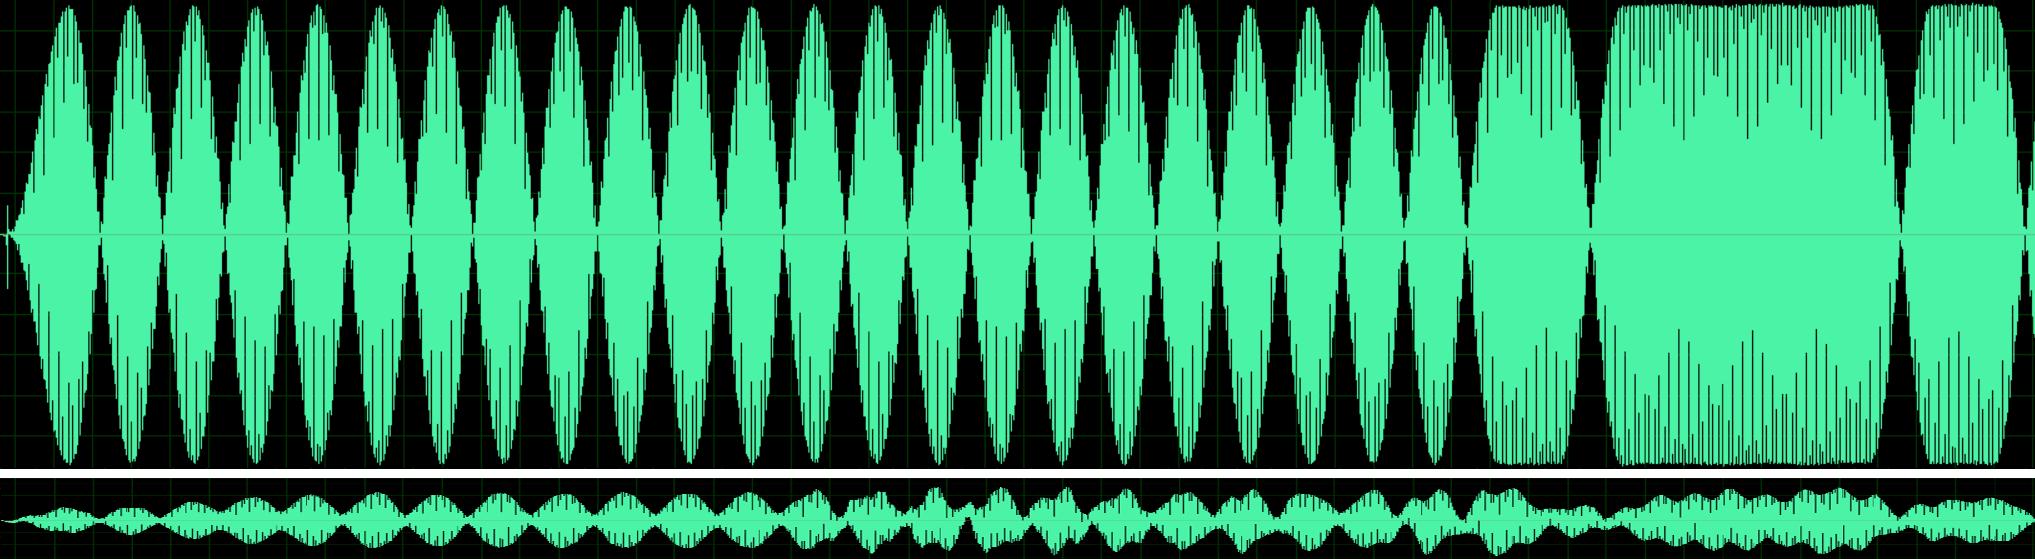 Чем развлечься в самоизоляции, или передаем данные с помощью звуковой карты - 8